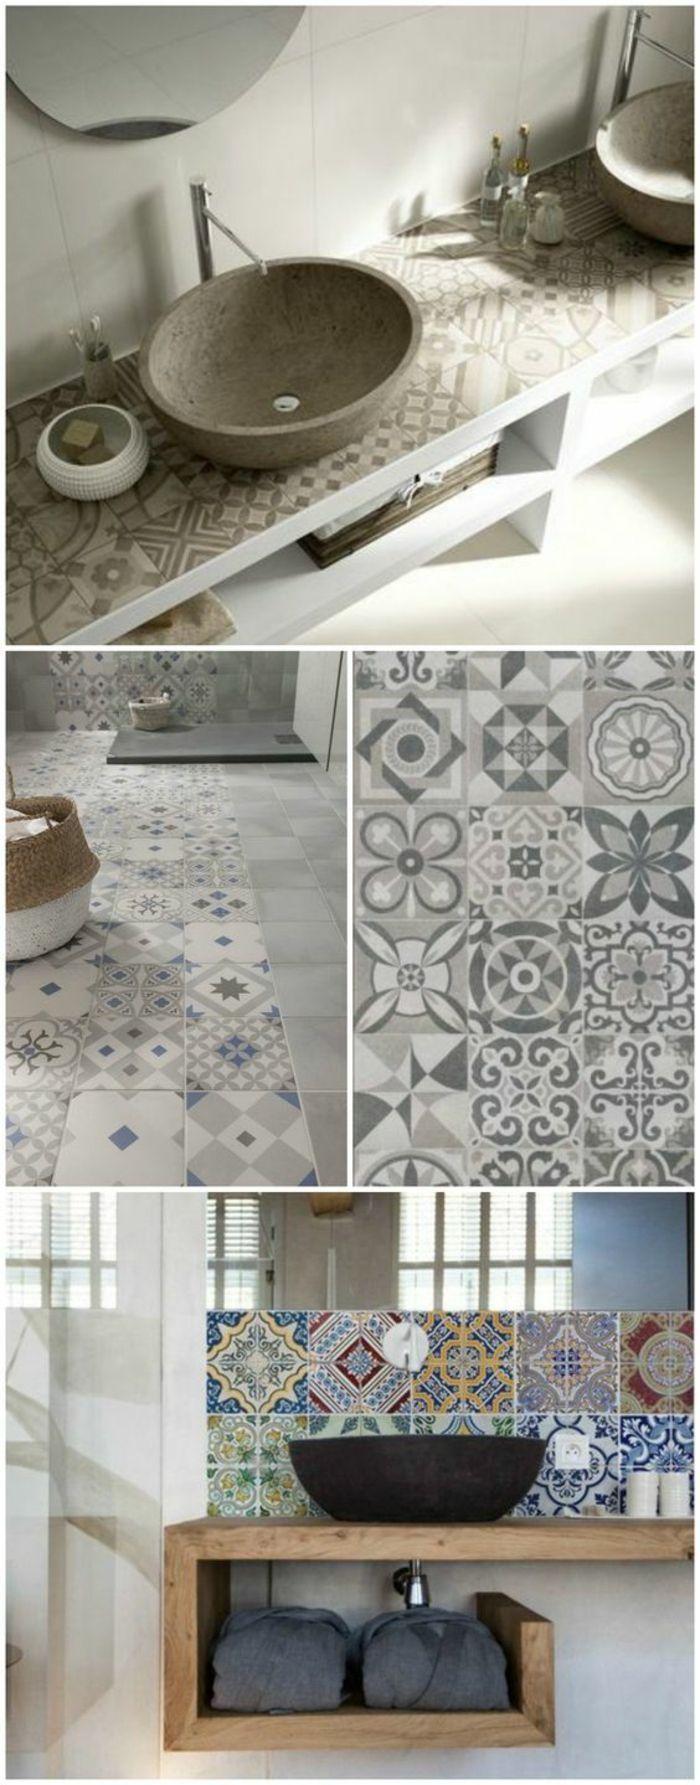 1001 Ideas For A Zen Bathroom Decor Bathroom 5m2 5m2 Haus Zen Bathroom Decor Zen Bathroom Bathroom Decor